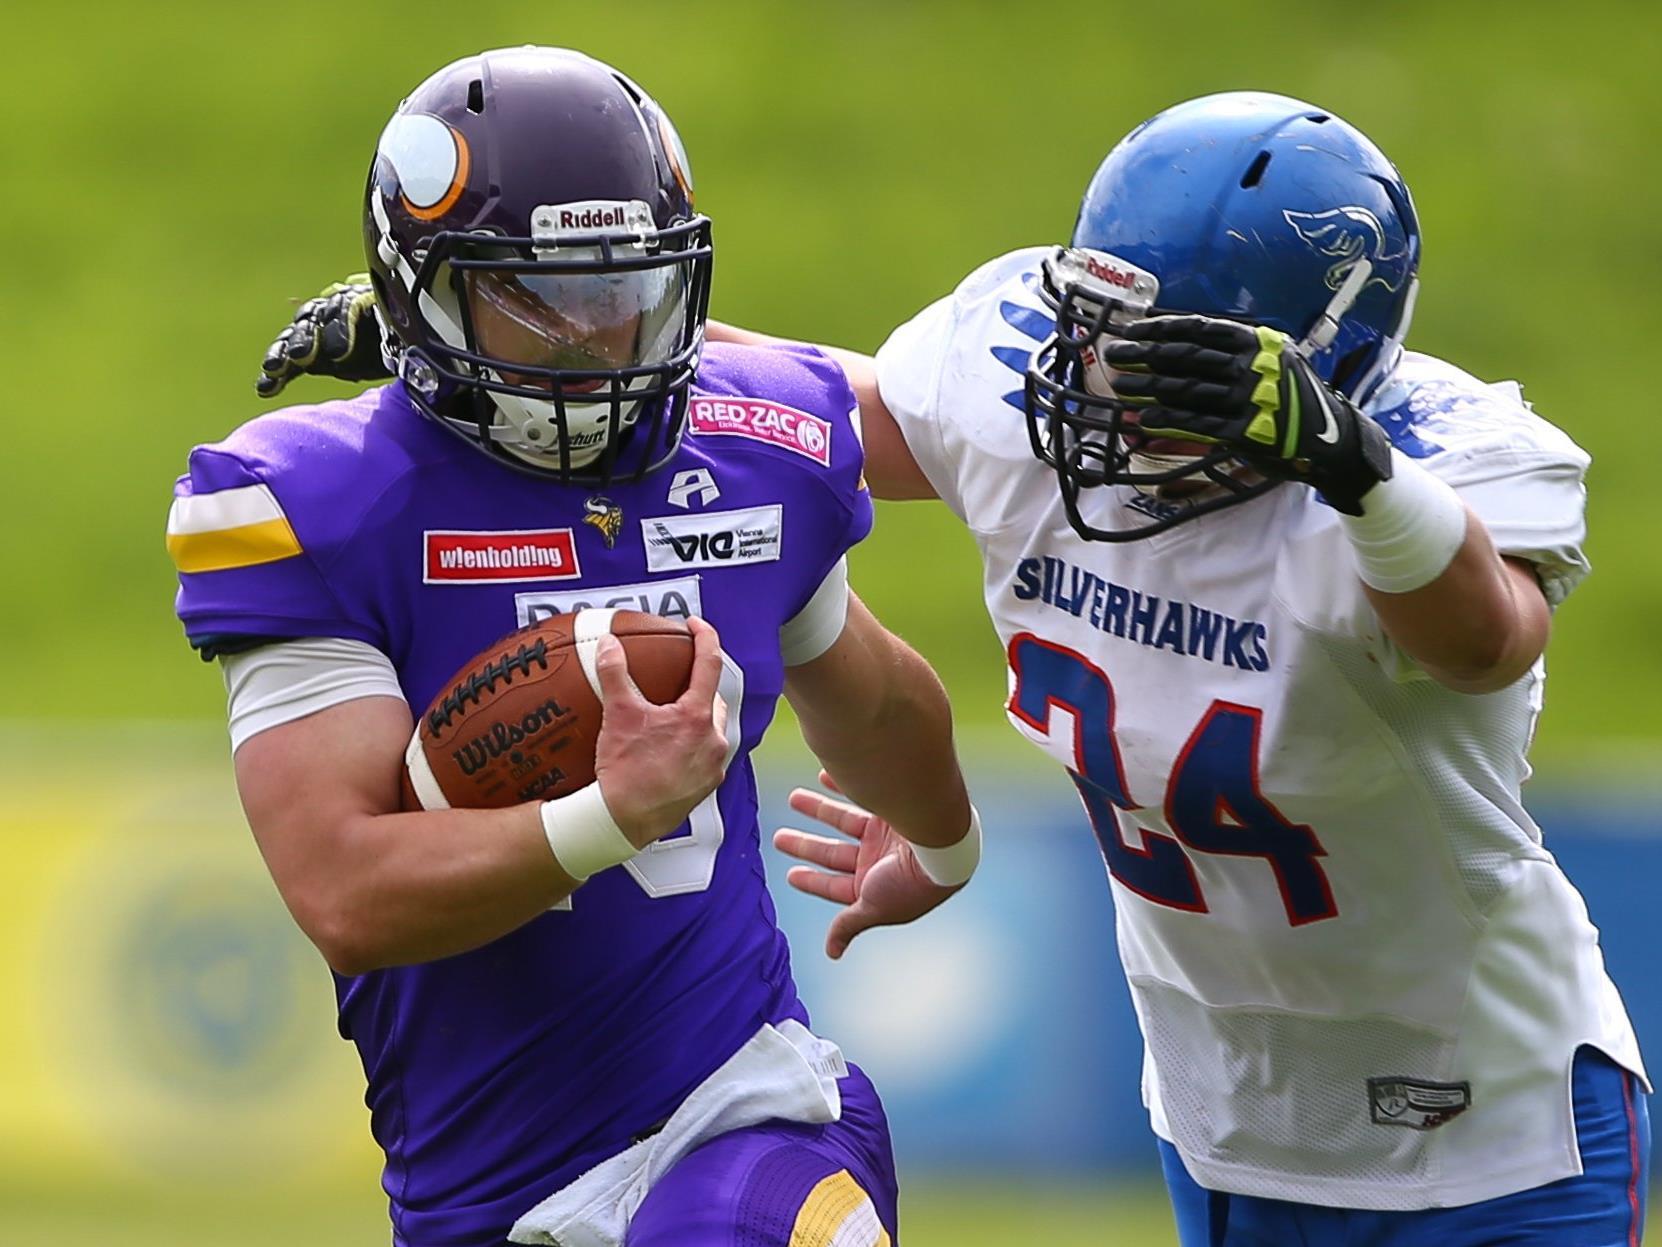 Die Vienna Vikings gewannen den Schlagabtausch mit den Ljubljana Silverhawks.